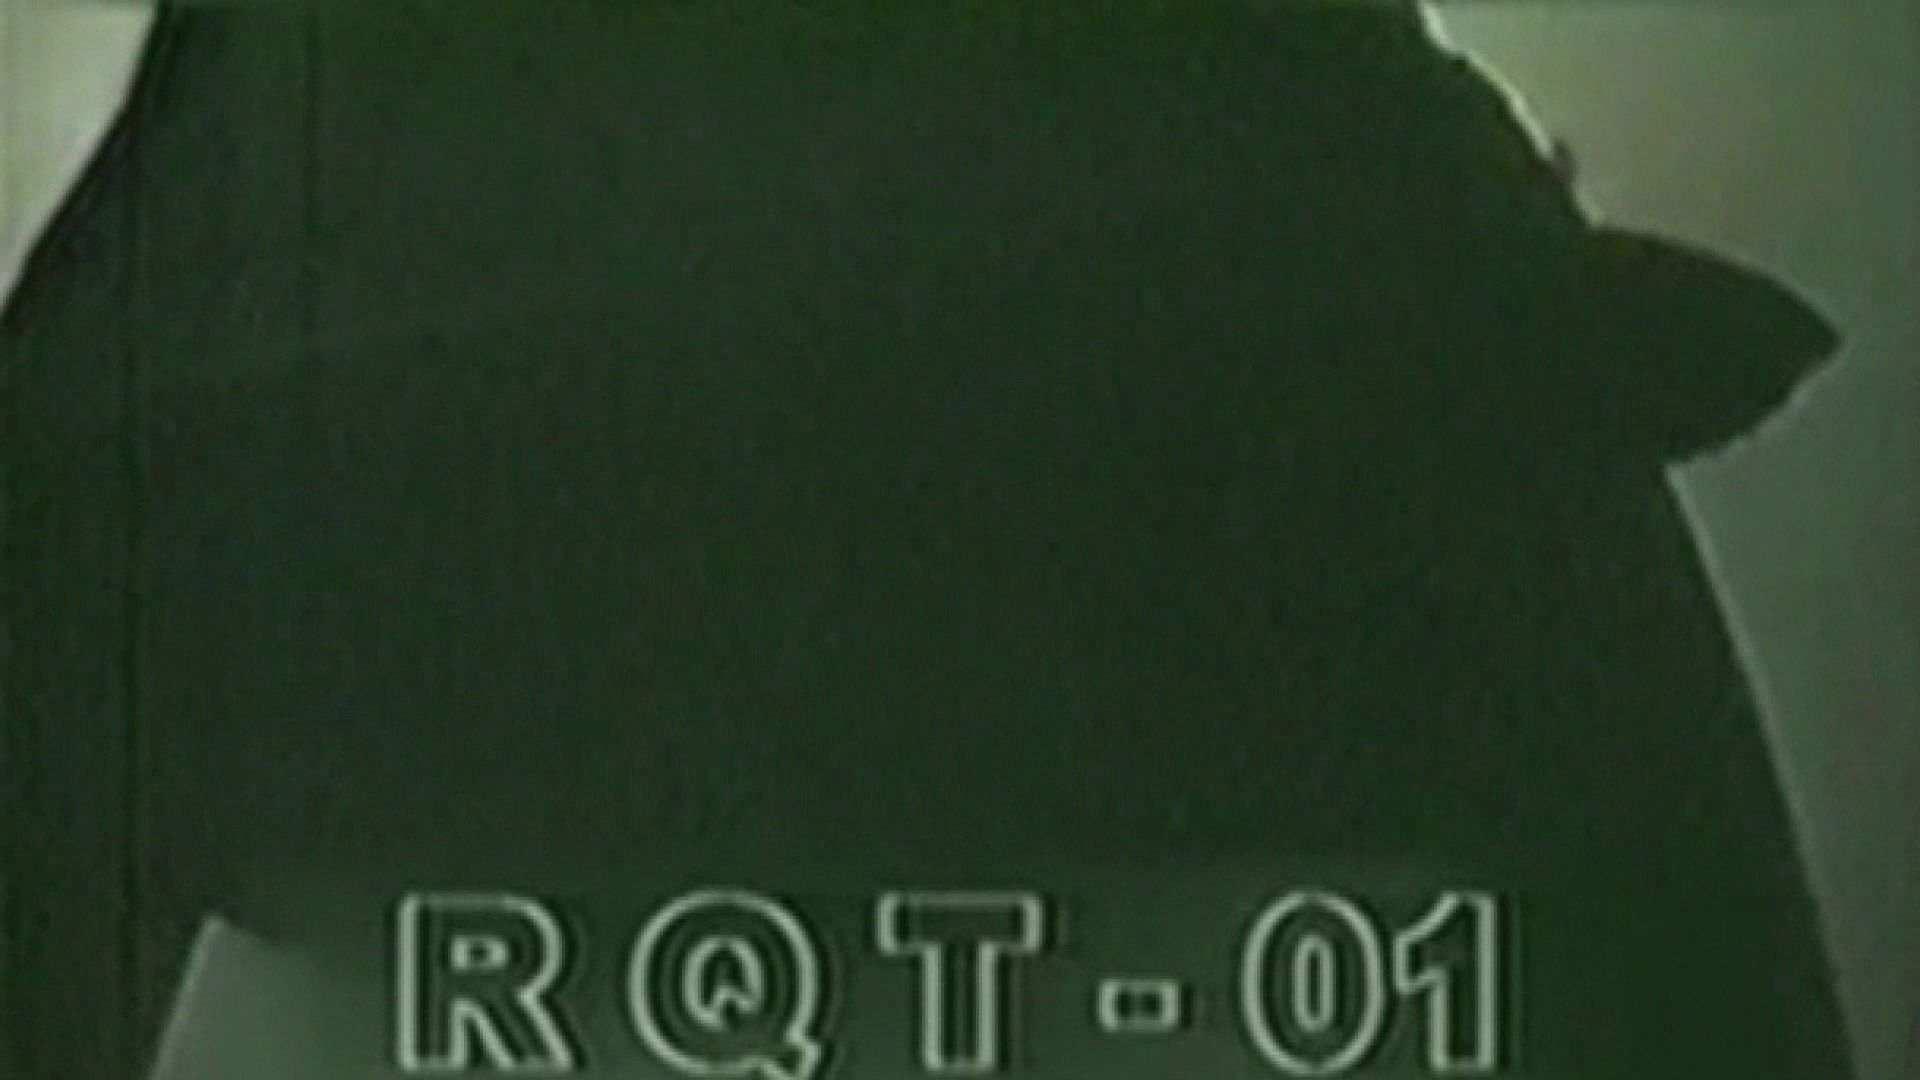 お姉さんの恥便所盗撮! Vol.2 盗撮 ワレメ動画紹介 89PICs 28